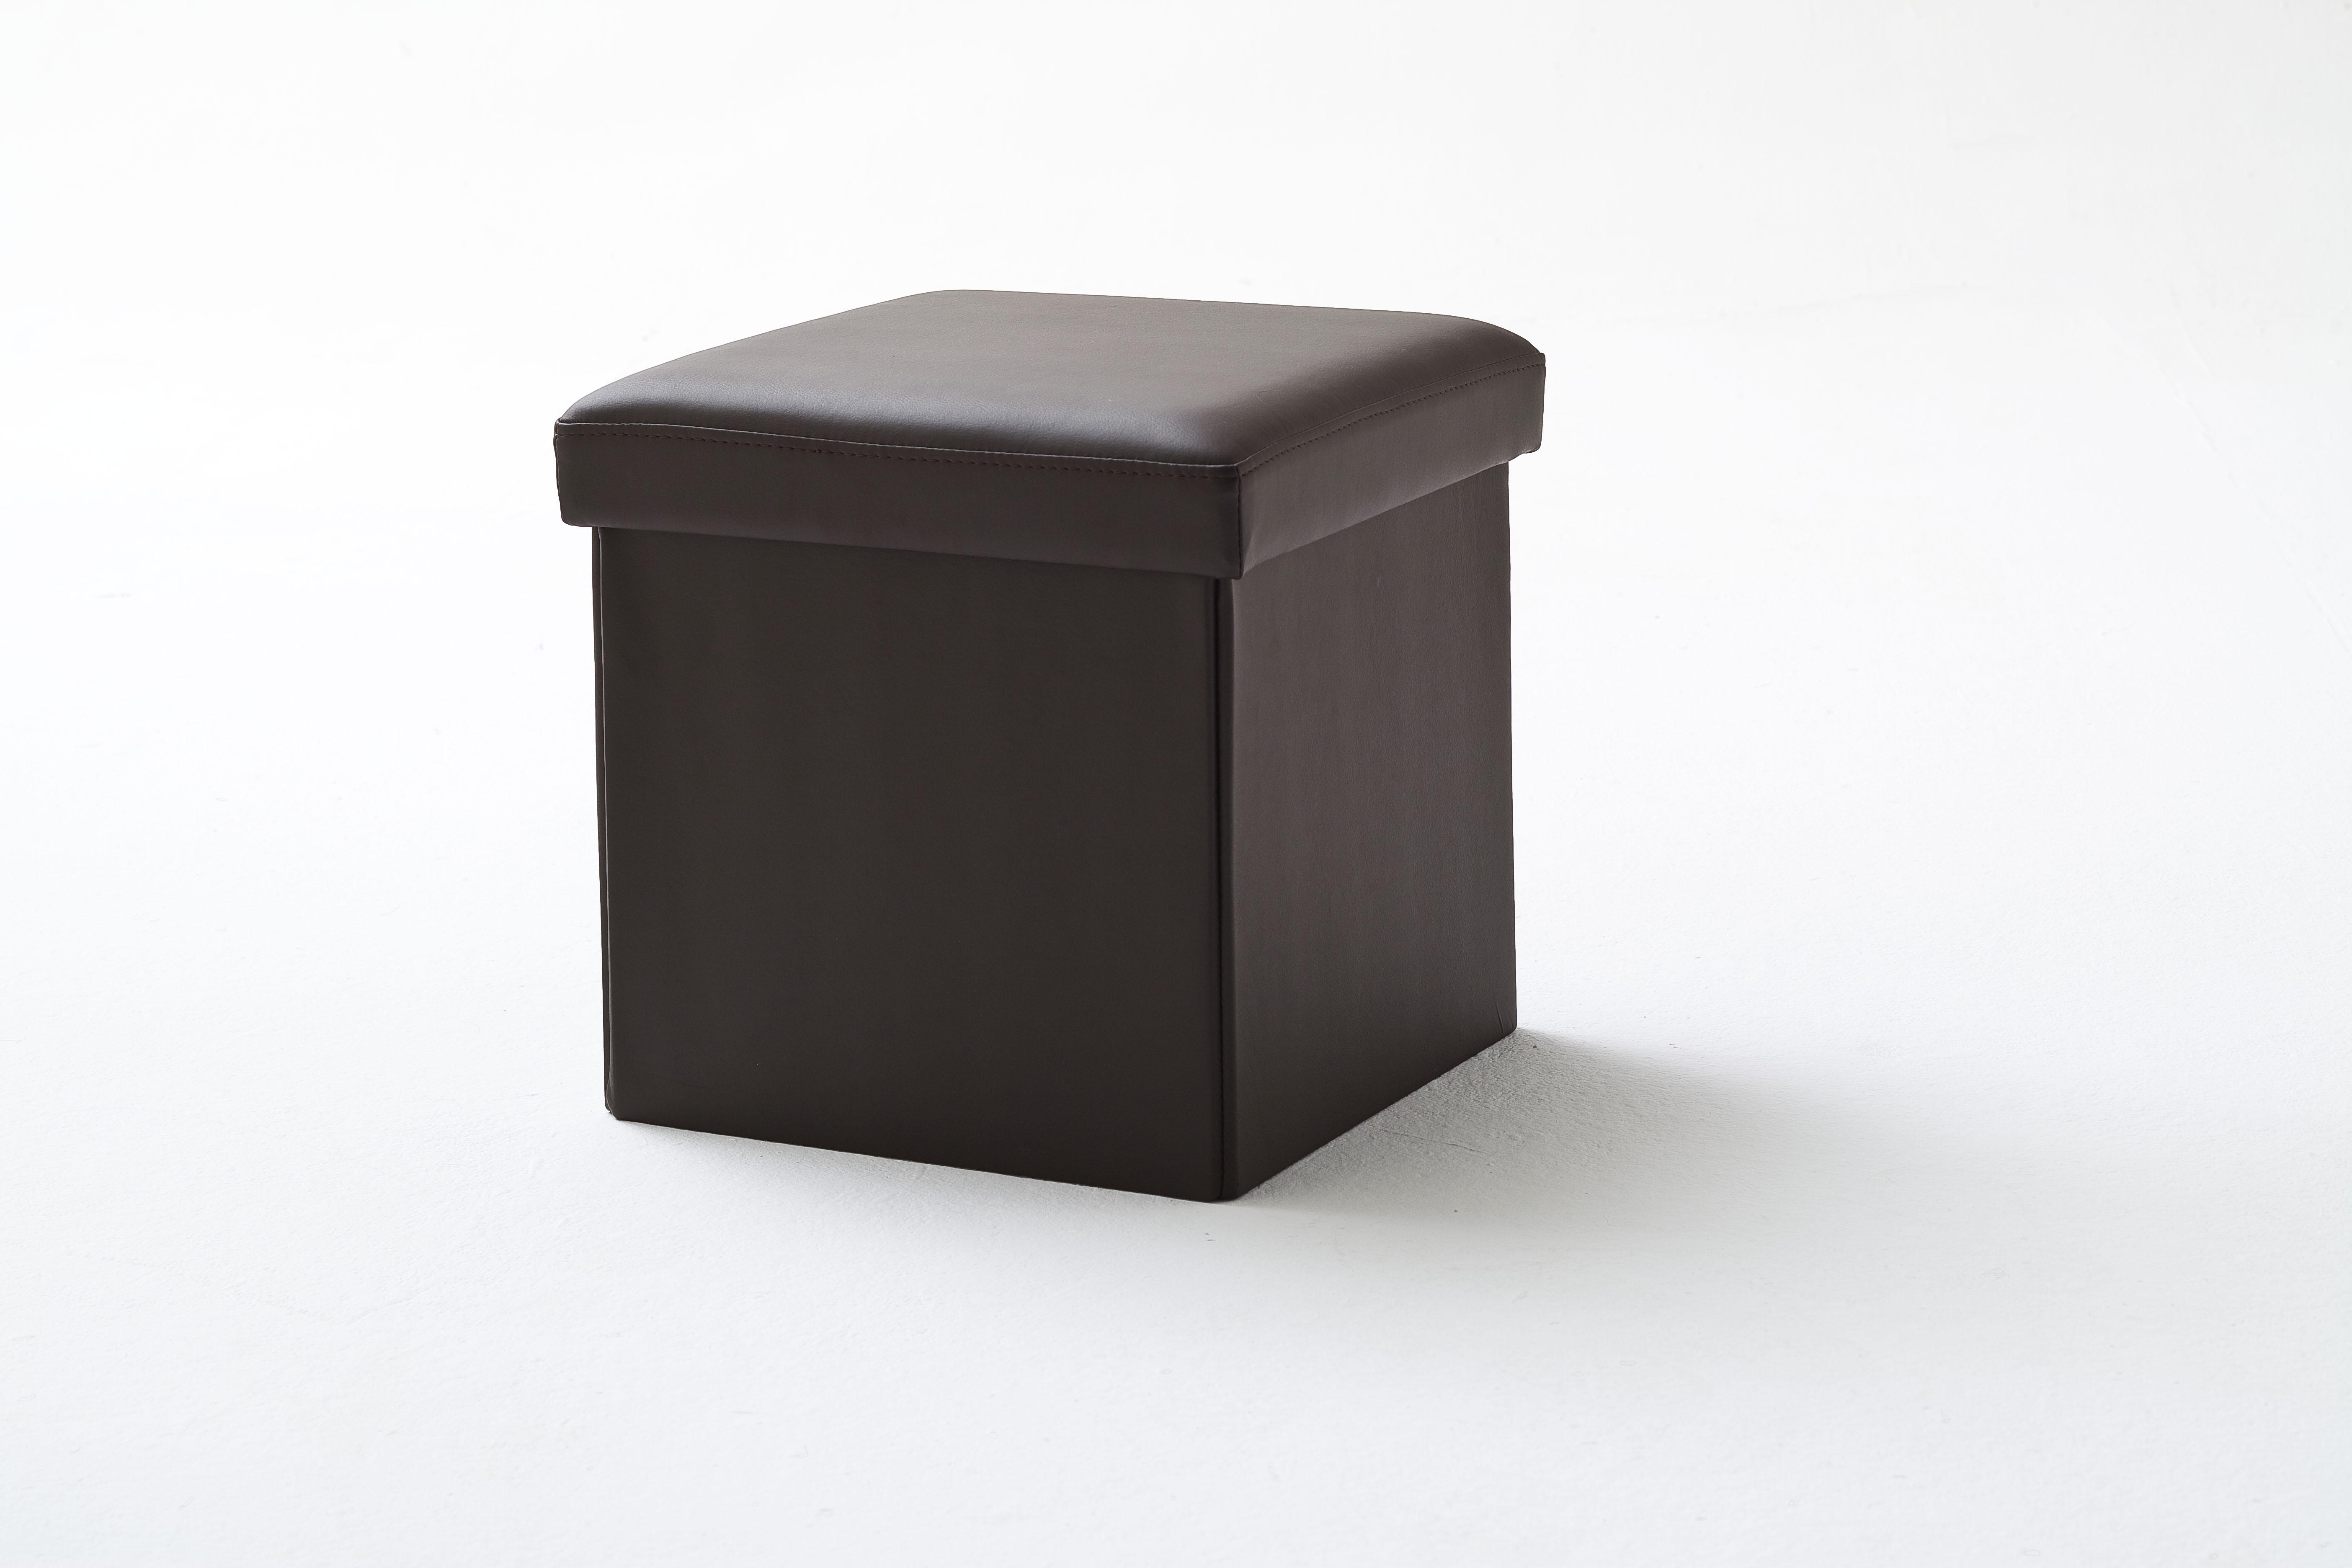 Taburet tapitat Box Maro